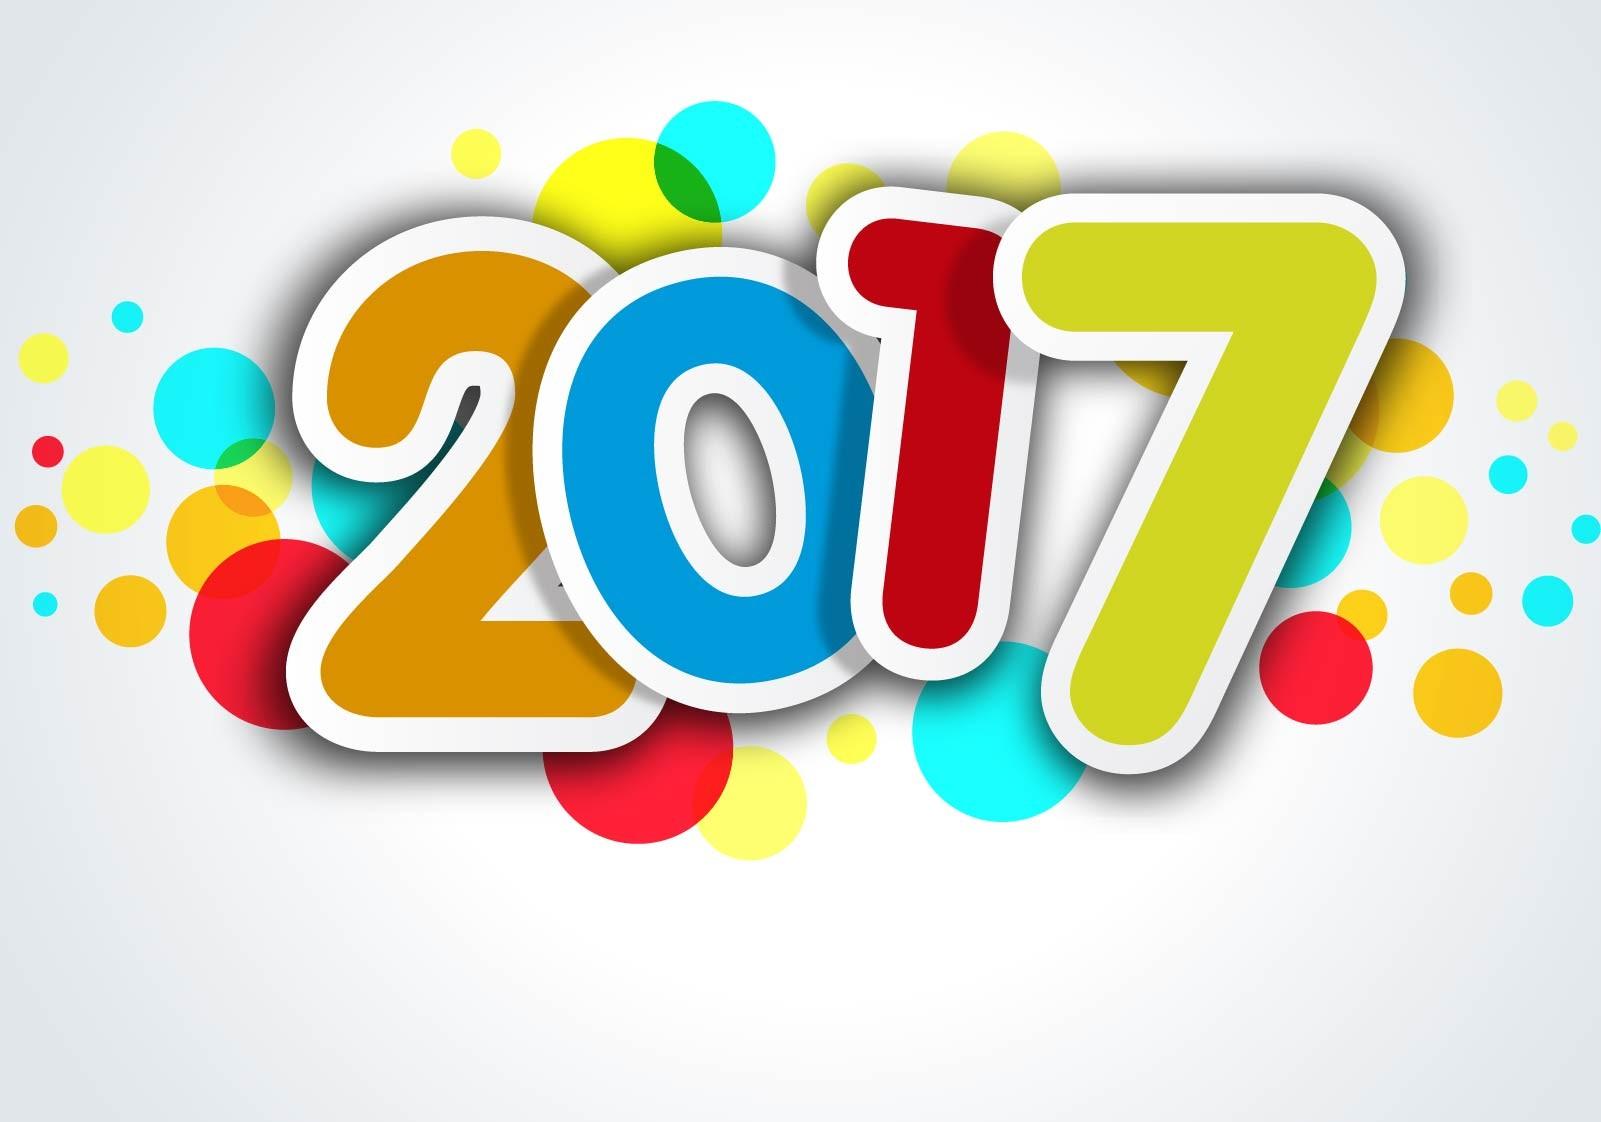 10 choses à savoir sur l'année 2017